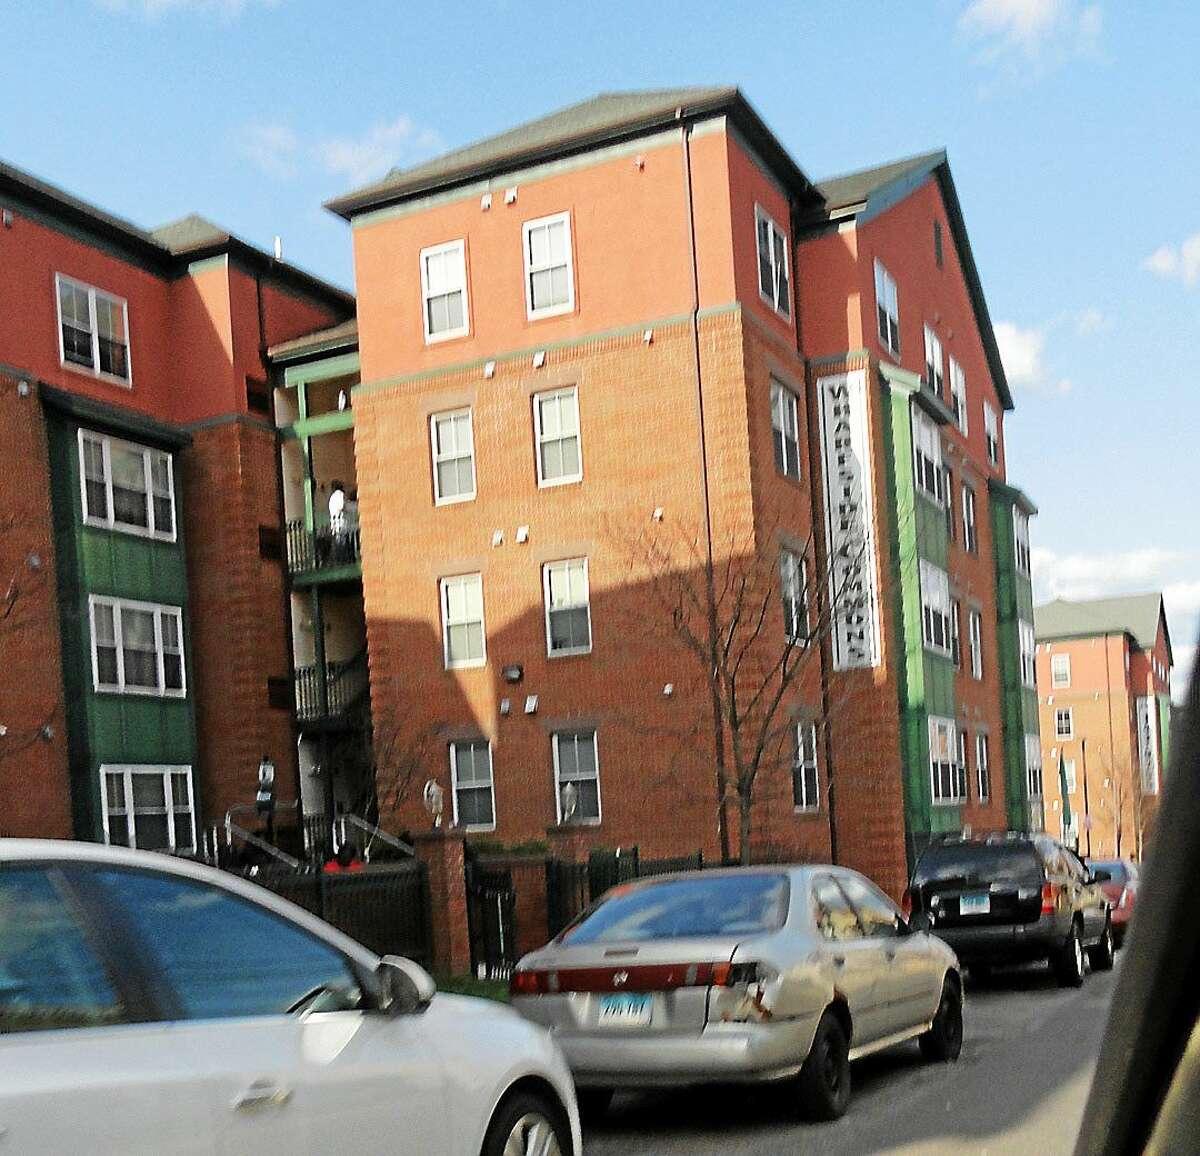 Wharfside Commons in Middletown